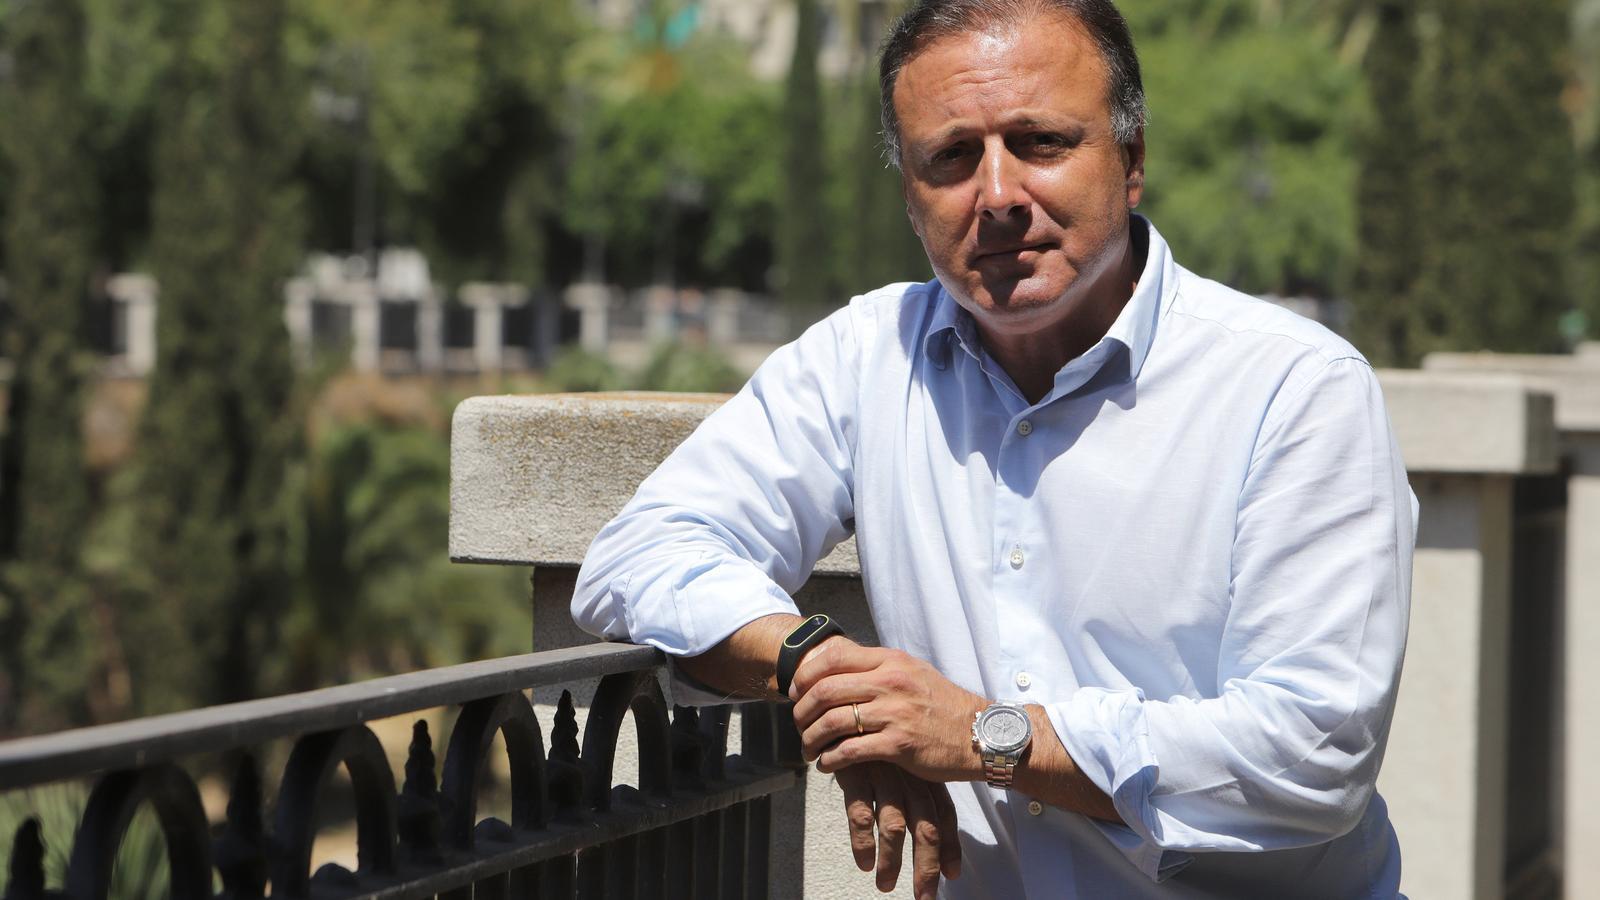 """Joan Mesquida: """"Ciutadans és un partit de centre; tenim una ambició de liberalisme socialdemòcrata"""""""